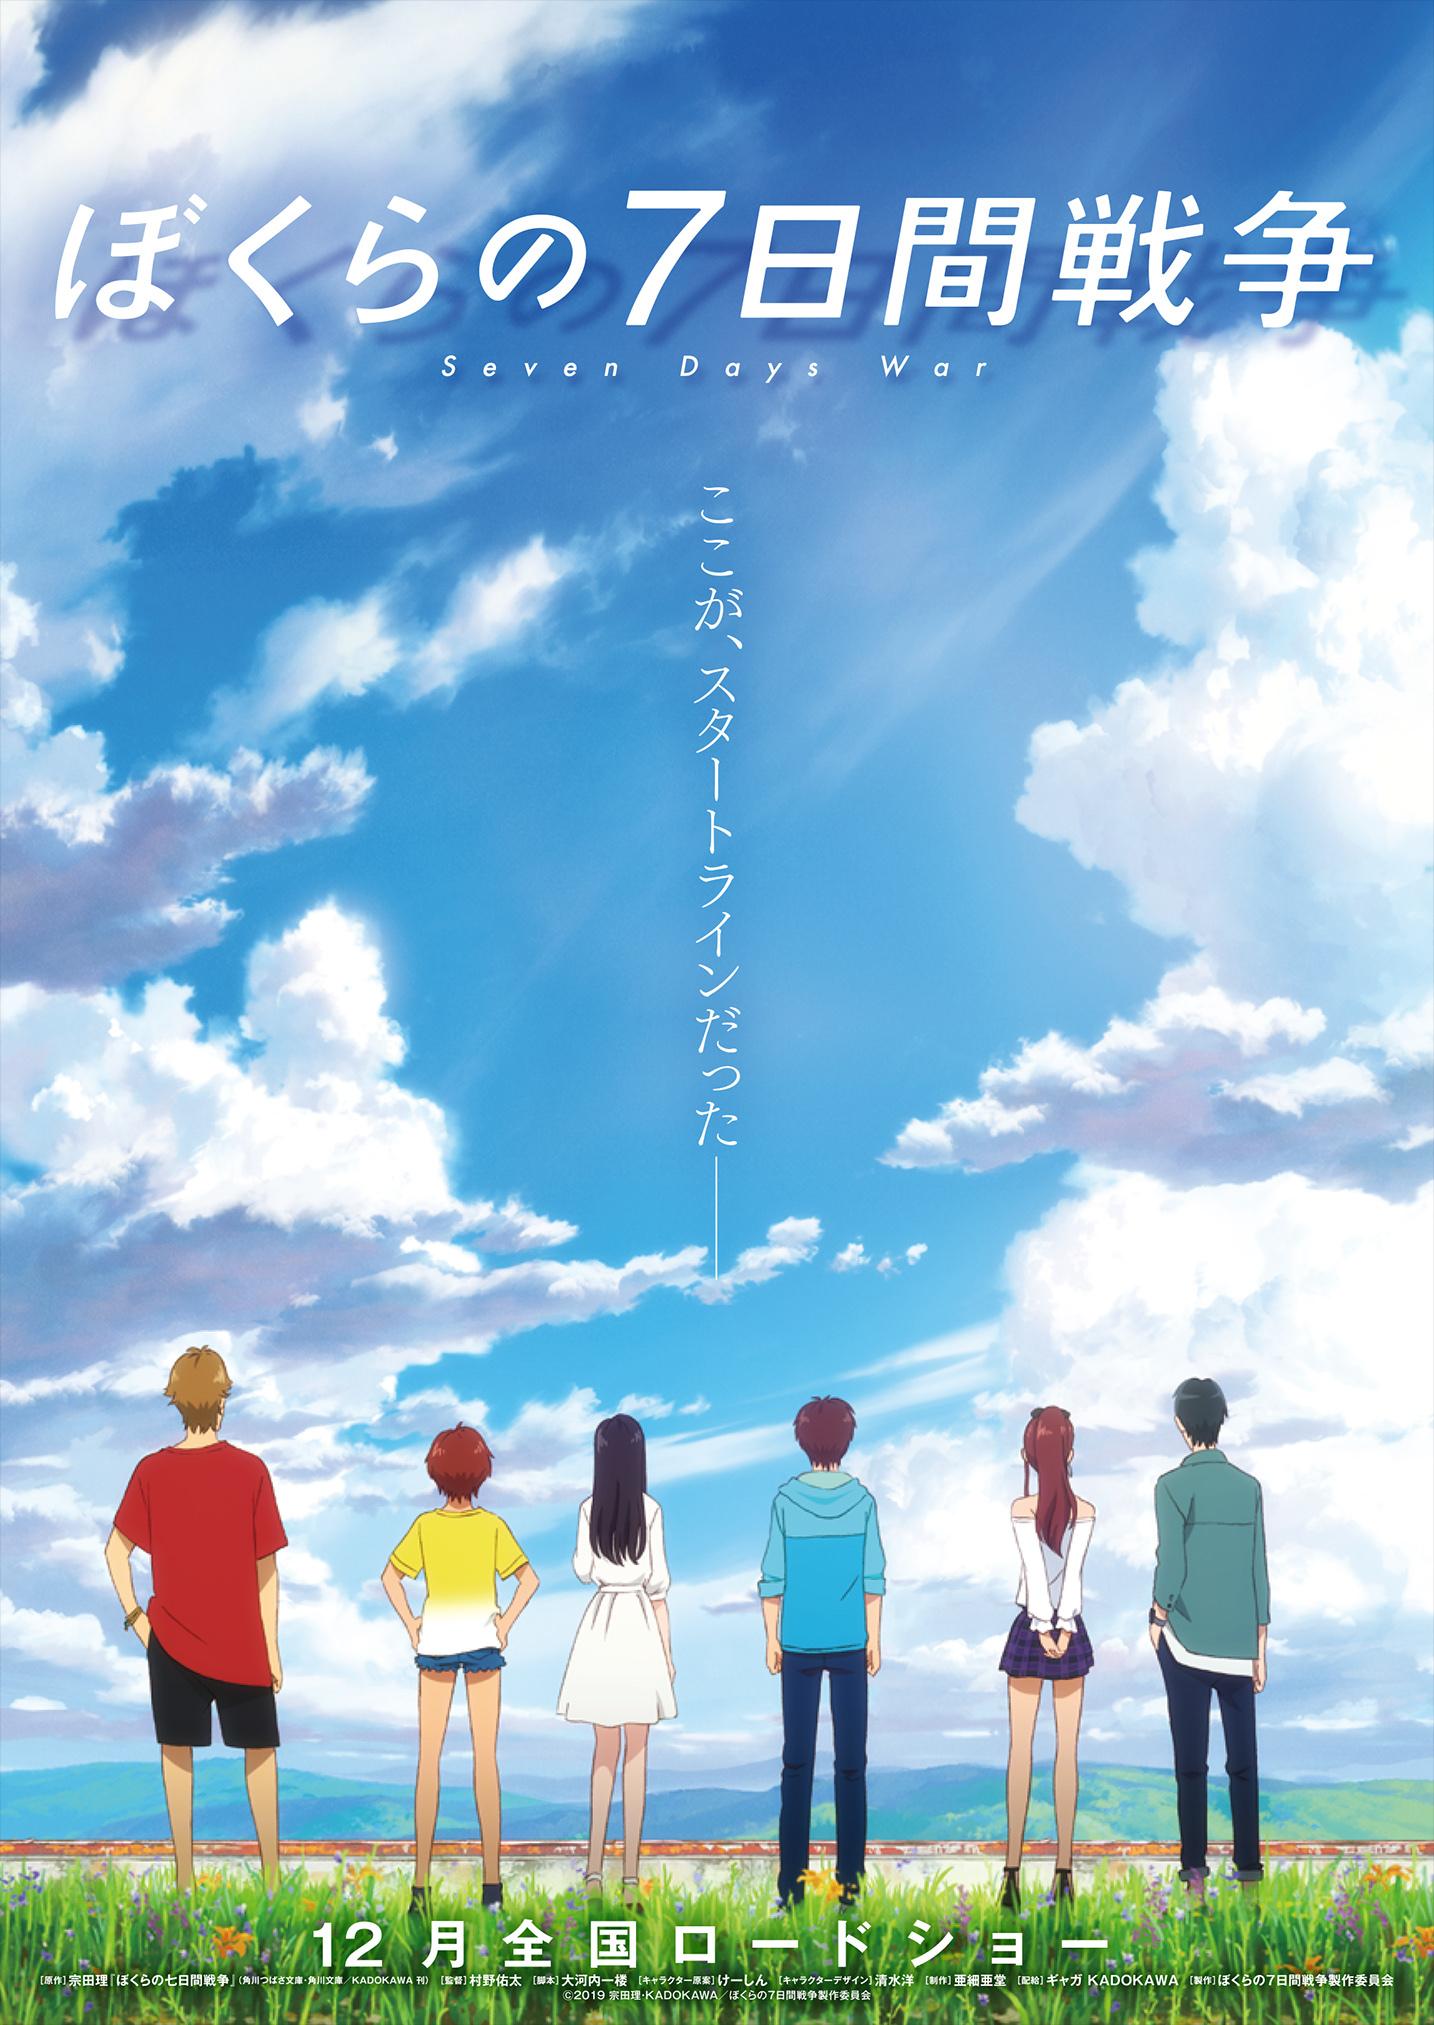 『ぼくらの7日間戦争』ティザービジュアル (C)2019 宗田理・KADOKAWA/ぼくらの7日間戦争製作委員会